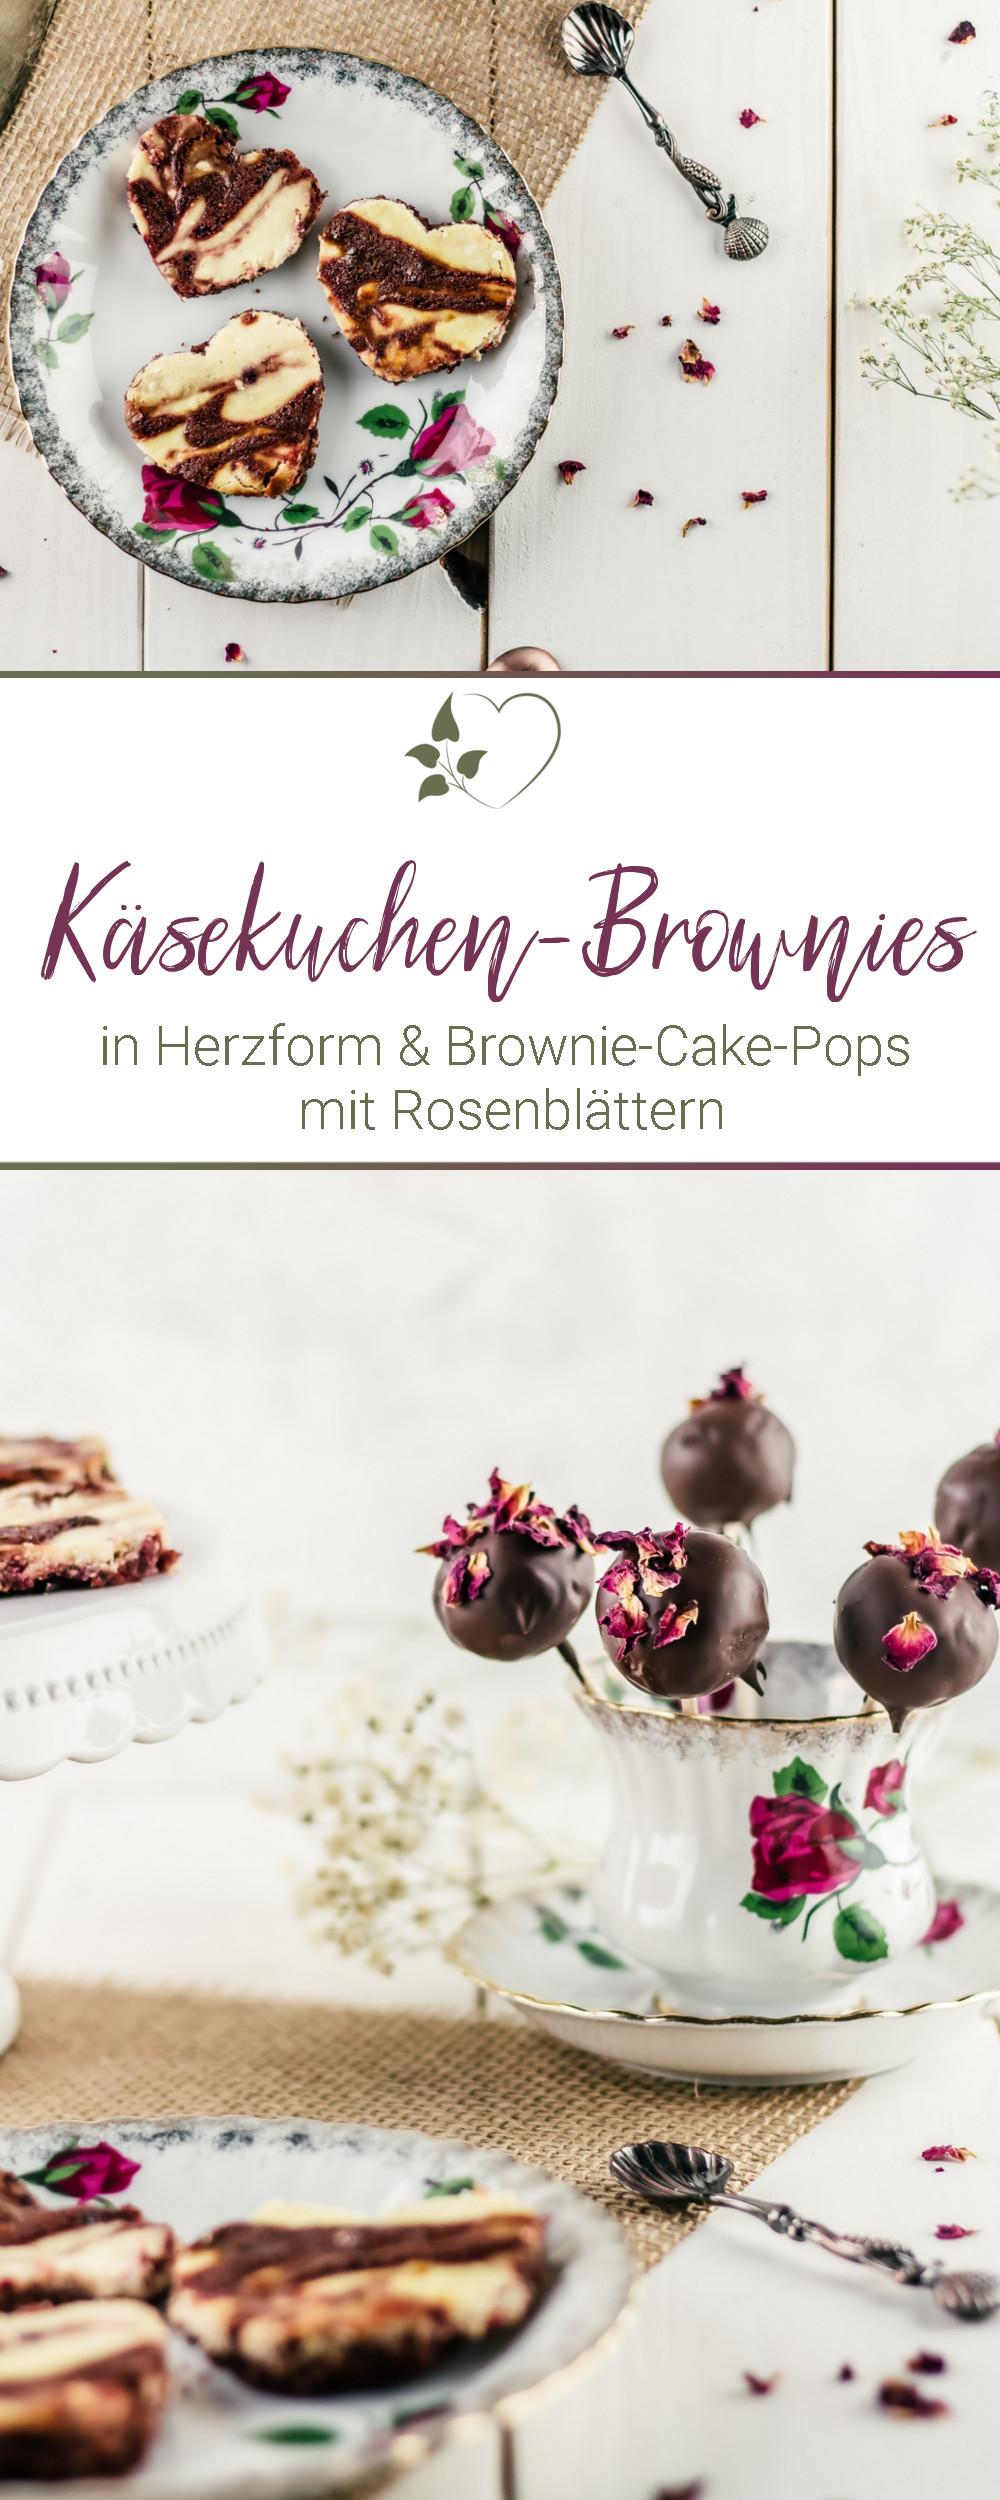 Käsekuchen-Brownies & Brownie-Cake-Pops - #brownies #cheescakebrownies #käsekuchenbrownies #cakepops #zuckerfrei #küchengeschenk #valentinstag #muttertag